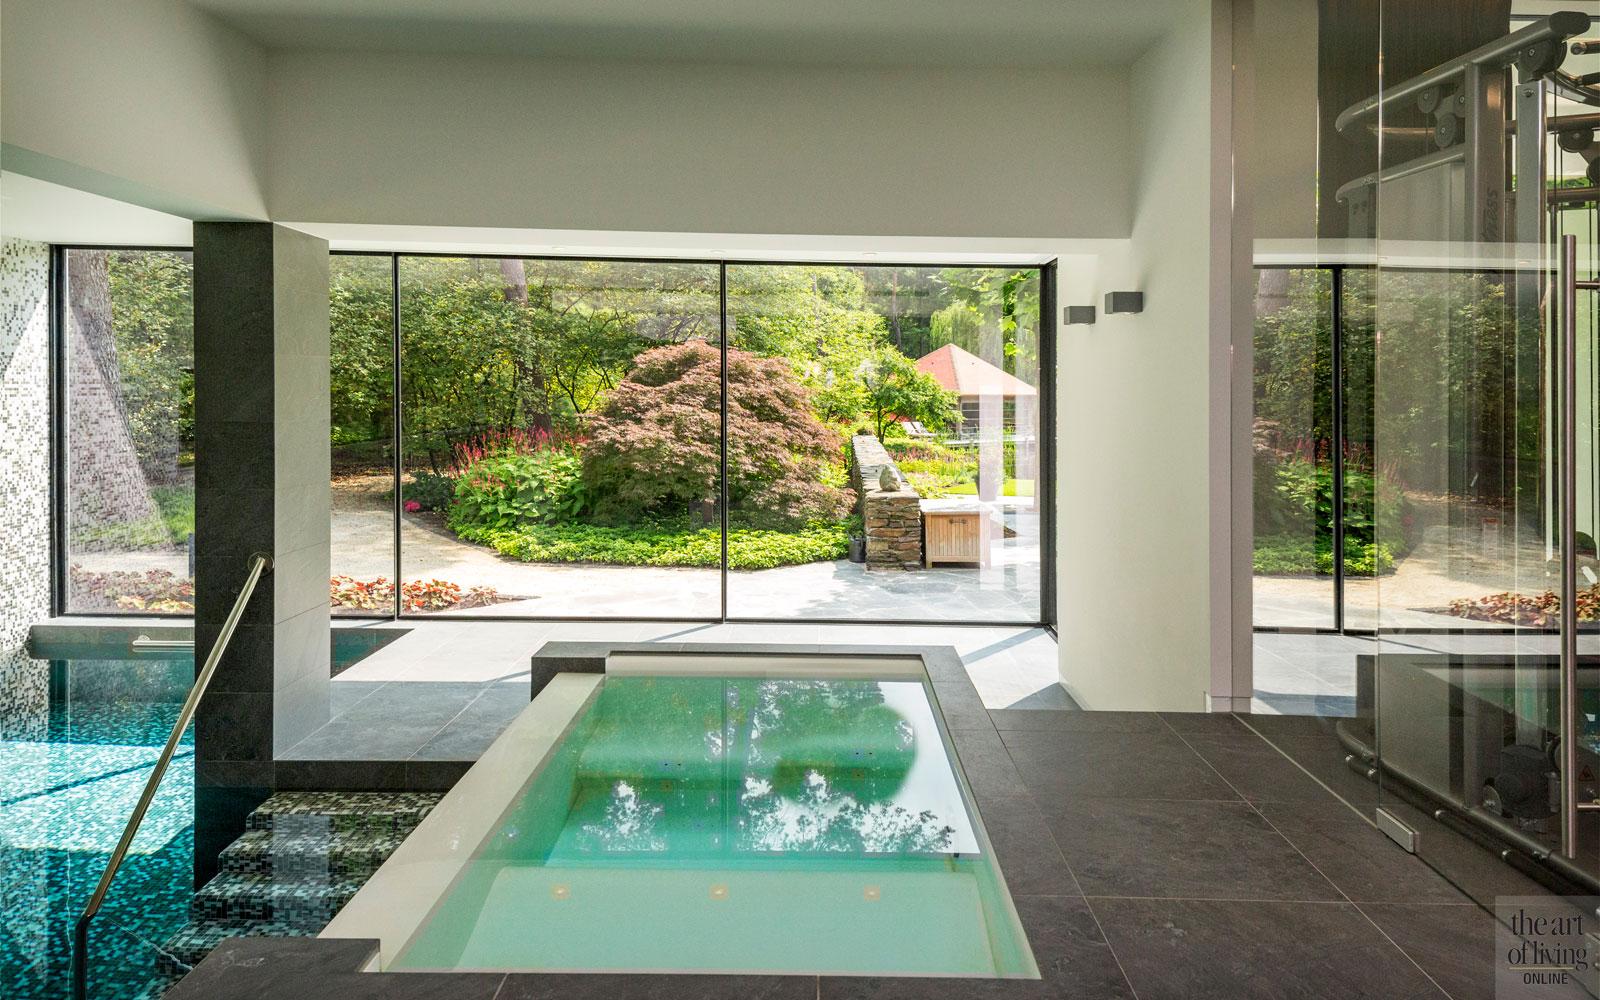 Zwembad, Wellness, bad, douche, whirlpool, Minimalistische Villa, VLCS Architecten, The Art of Living